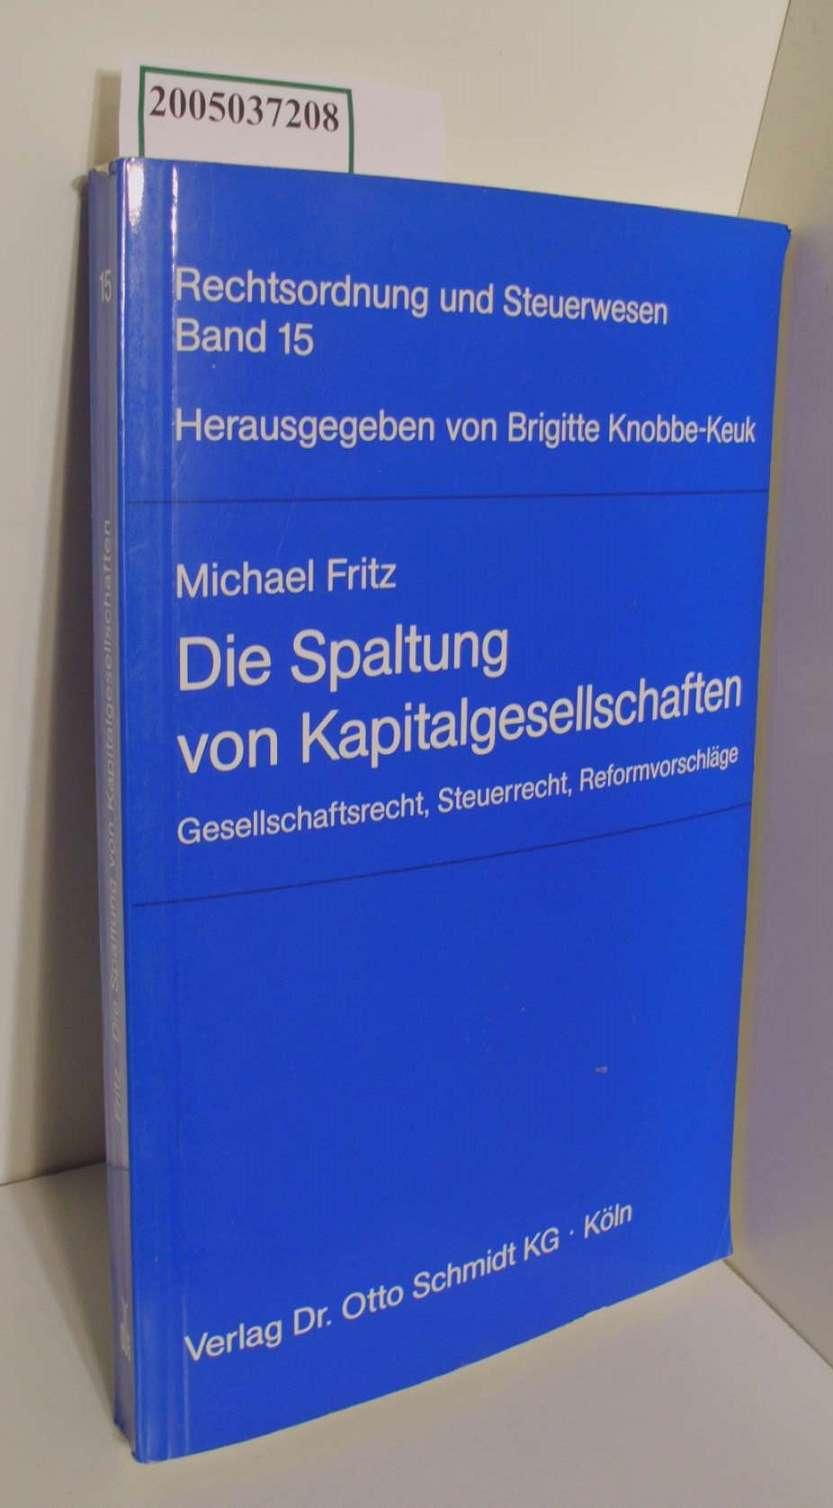 Die Spaltung von Kapitalgesellschaften : Gesellschaftsrecht, Steuerrecht, Reformvorschläge / von Michael Fritz / Rechtsordnung und Steuerwesen Bd. 15